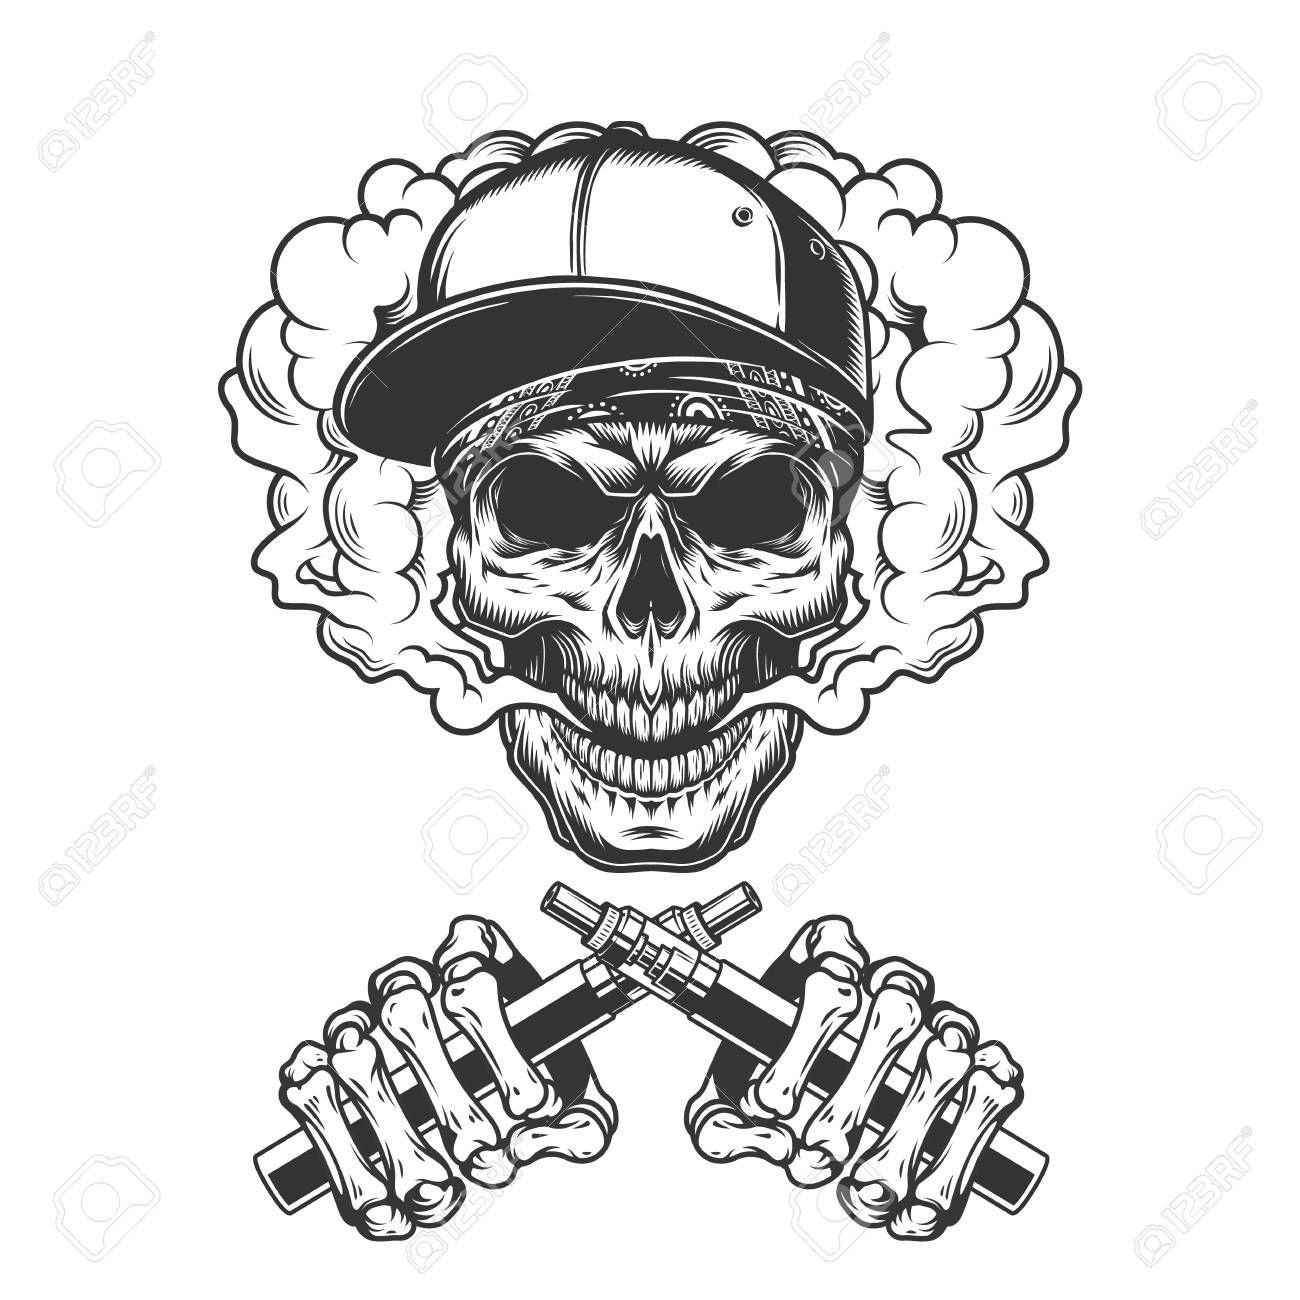 Vintage hipster skull in smoke cloud with crossed skeleton